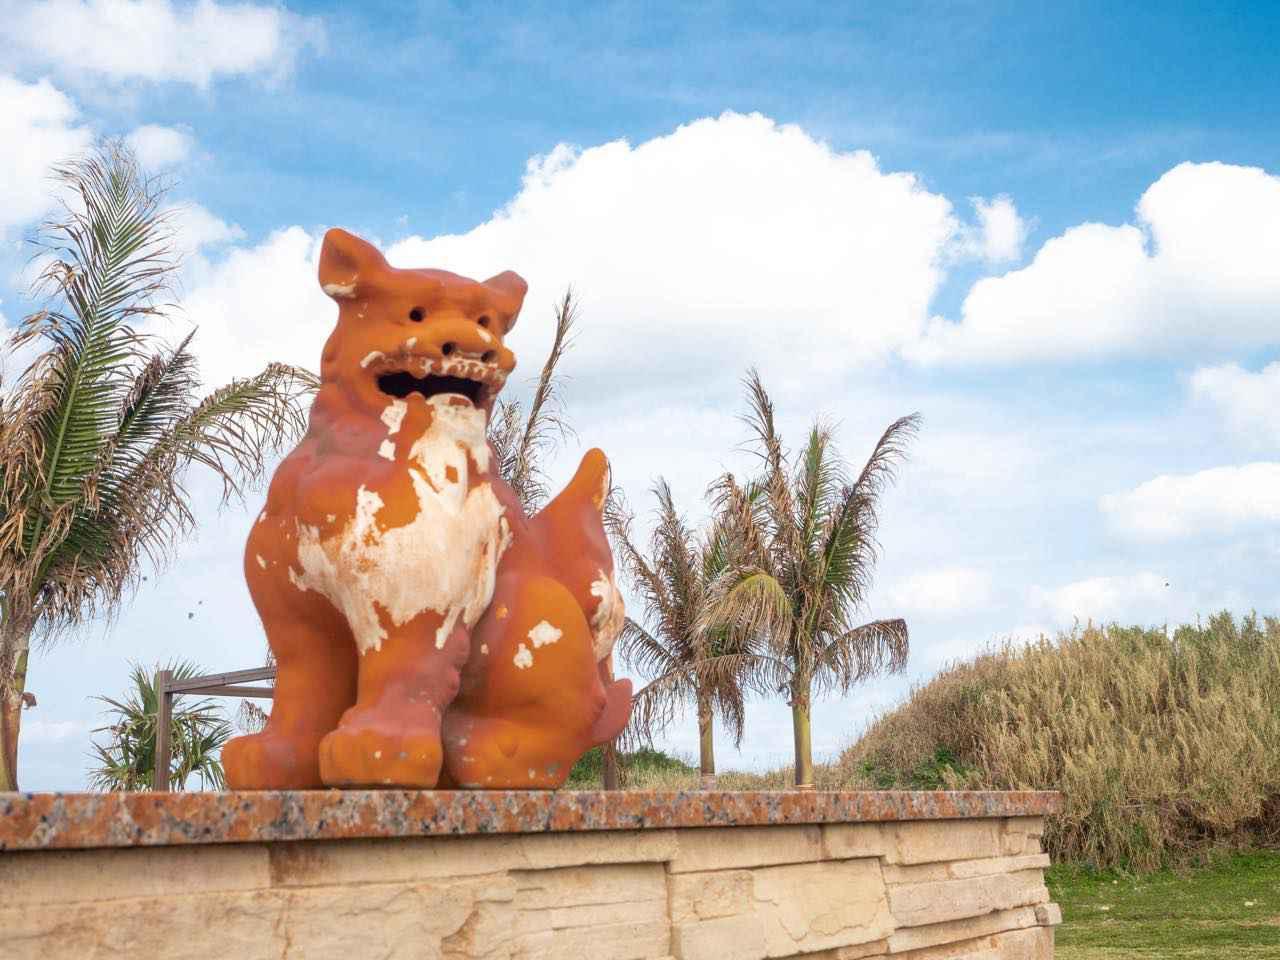 画像1: 沖縄の海沿いヴィラで、流行りの「バケーションレンタル」を体験